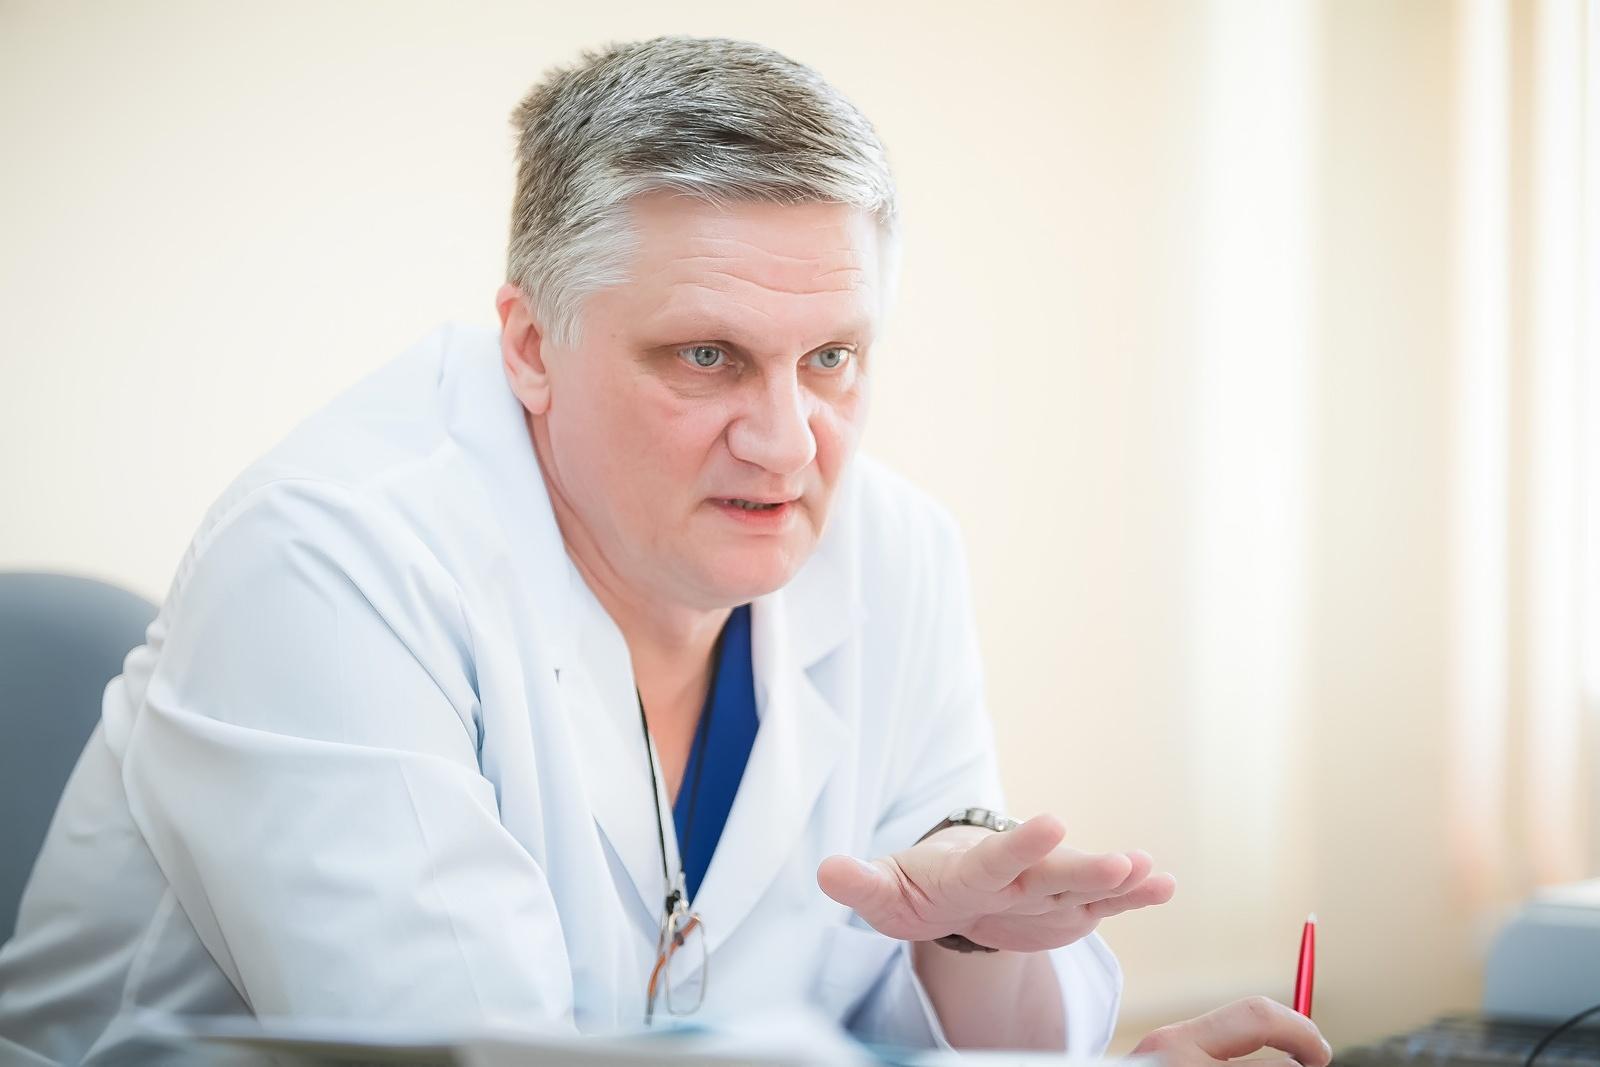 По словам Сергея Надеждина, прививка защитит от инфекции надежнее всего